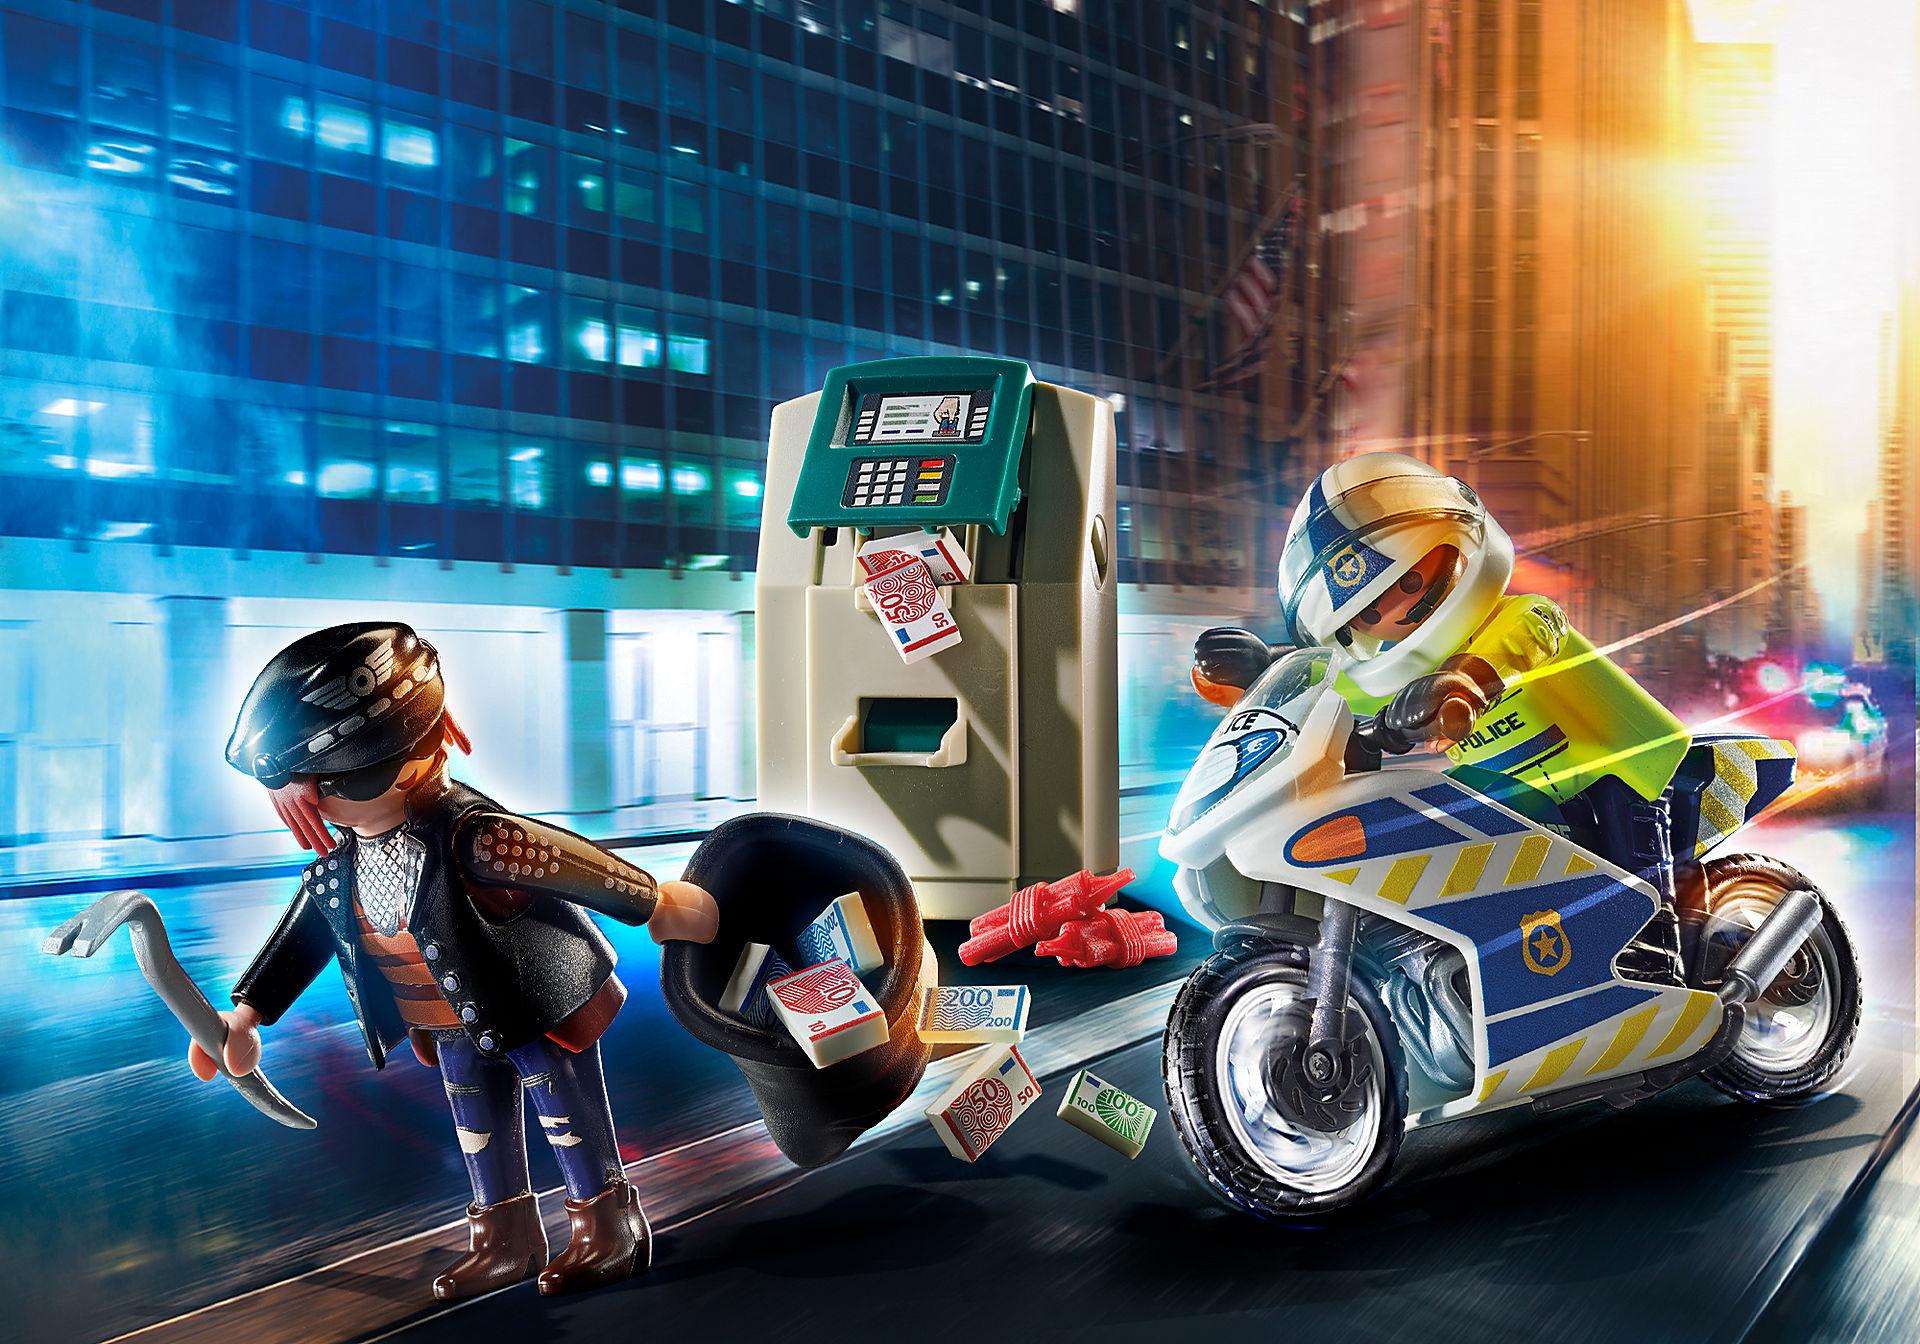 70572 Moto de Policía: persecución del ladrón de dinero zoom image1